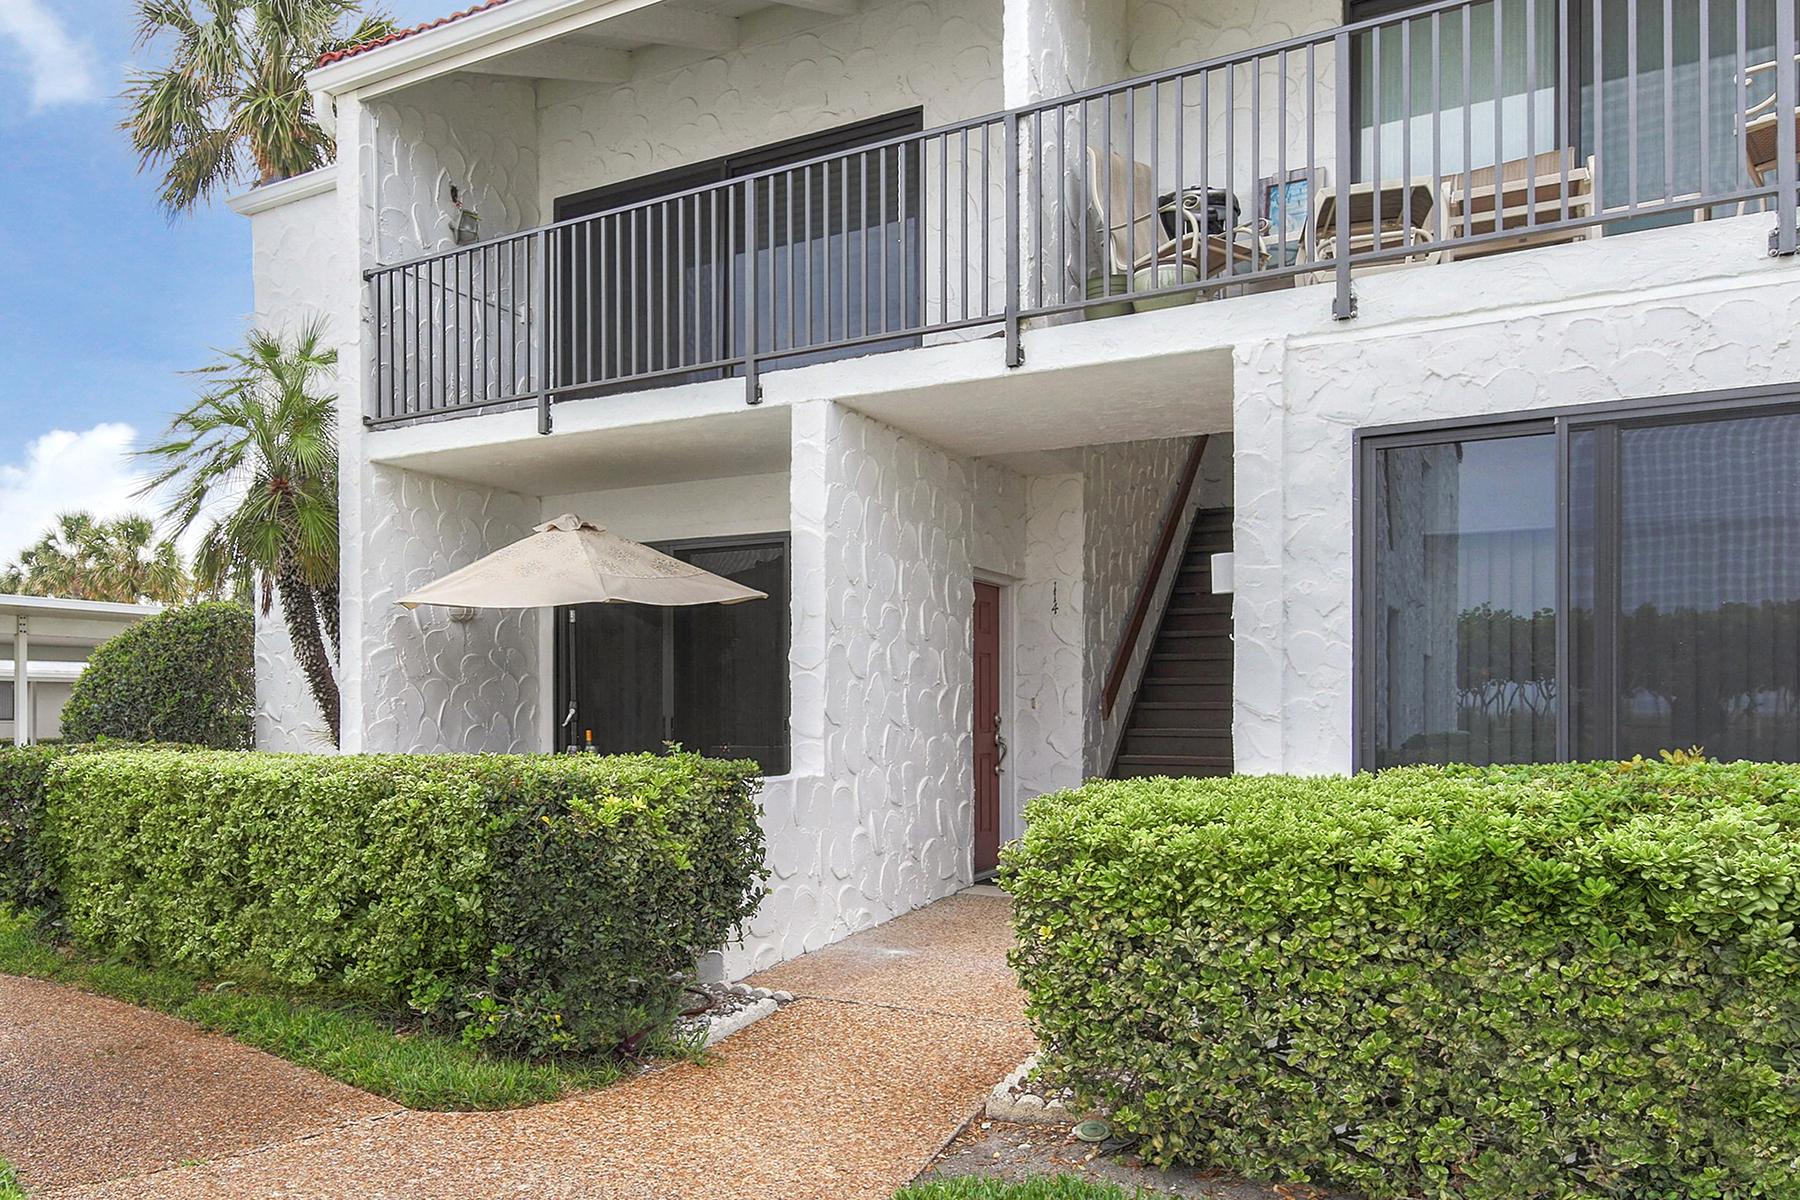 共管式独立产权公寓 为 销售 在 ALDEA MAR - VENICE ISLAND 500 Park Blvd S 114 威尼斯, 佛罗里达州, 34285 美国